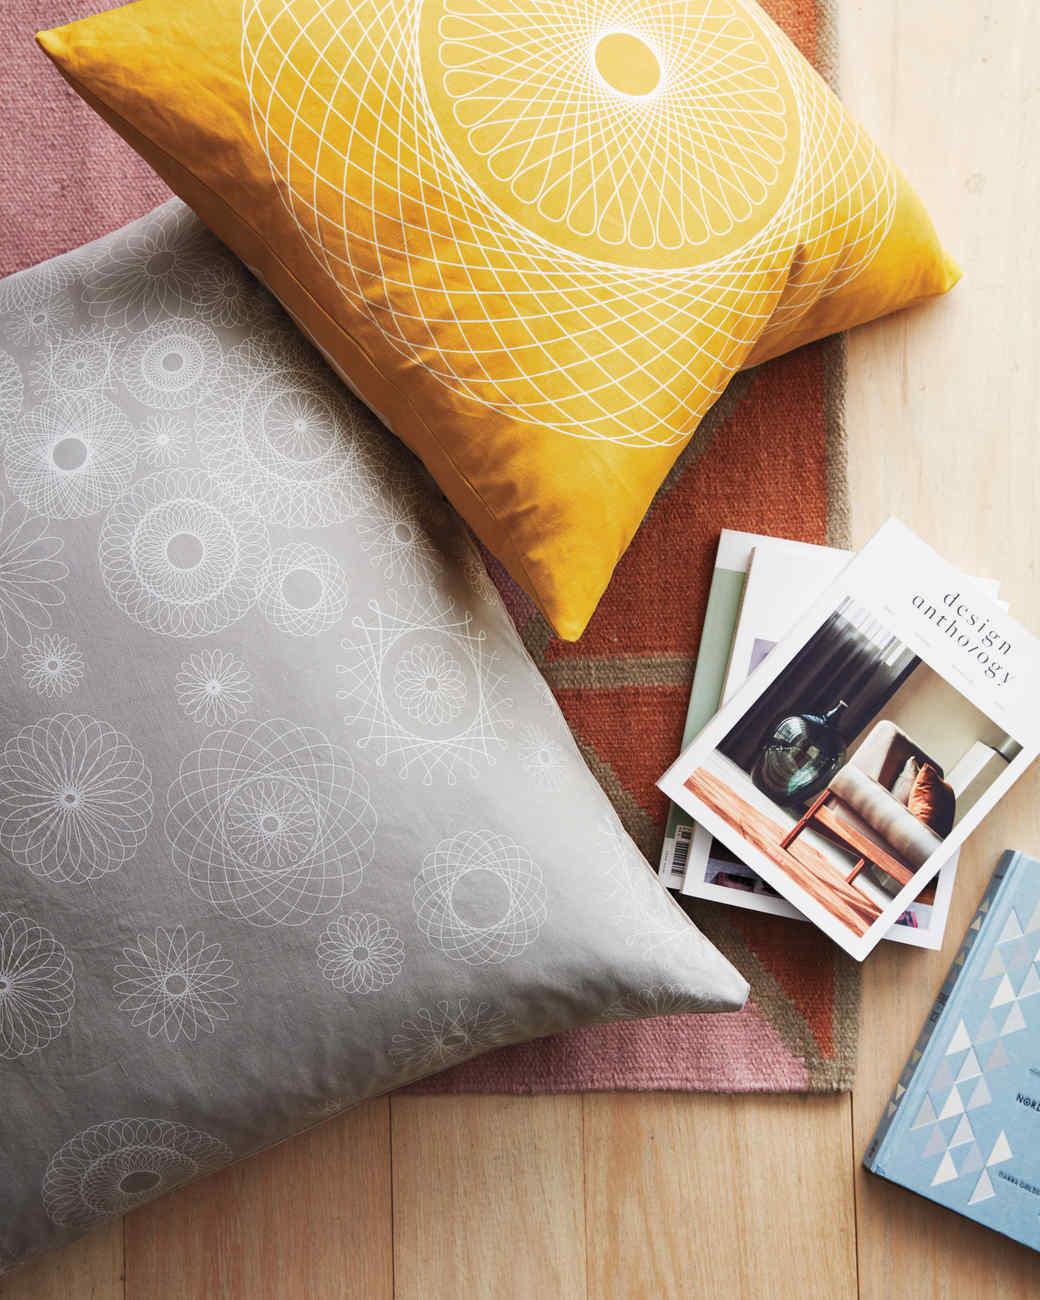 spirograph-floor-pillows-080-d112641.jpg